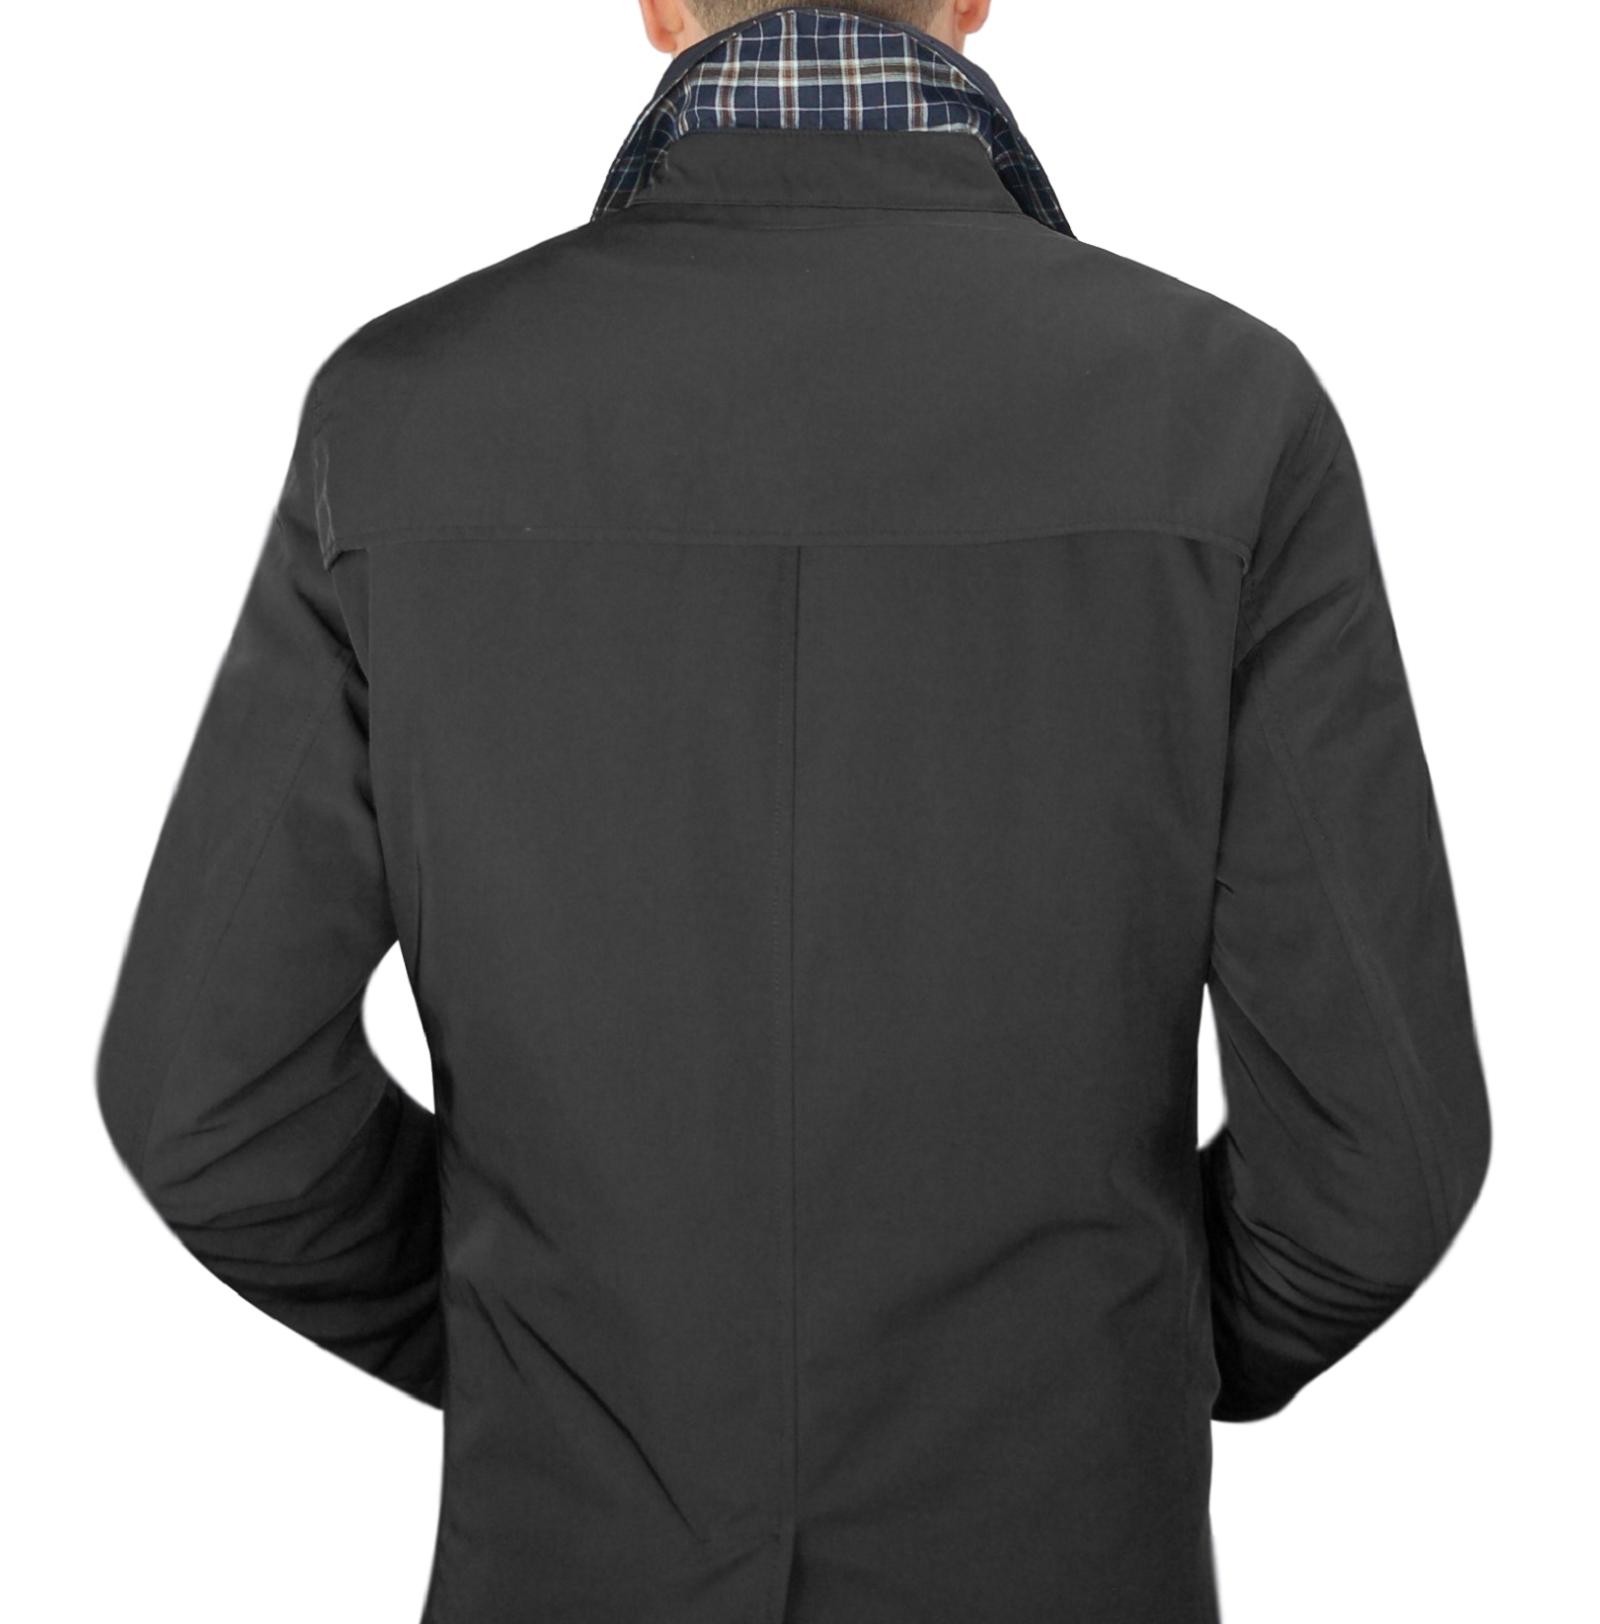 Impermeabile-Uomo-Giubbotto-Invernale-Trench-Lungo-Blu-Nero-Casual-Slim-Fit miniatura 13